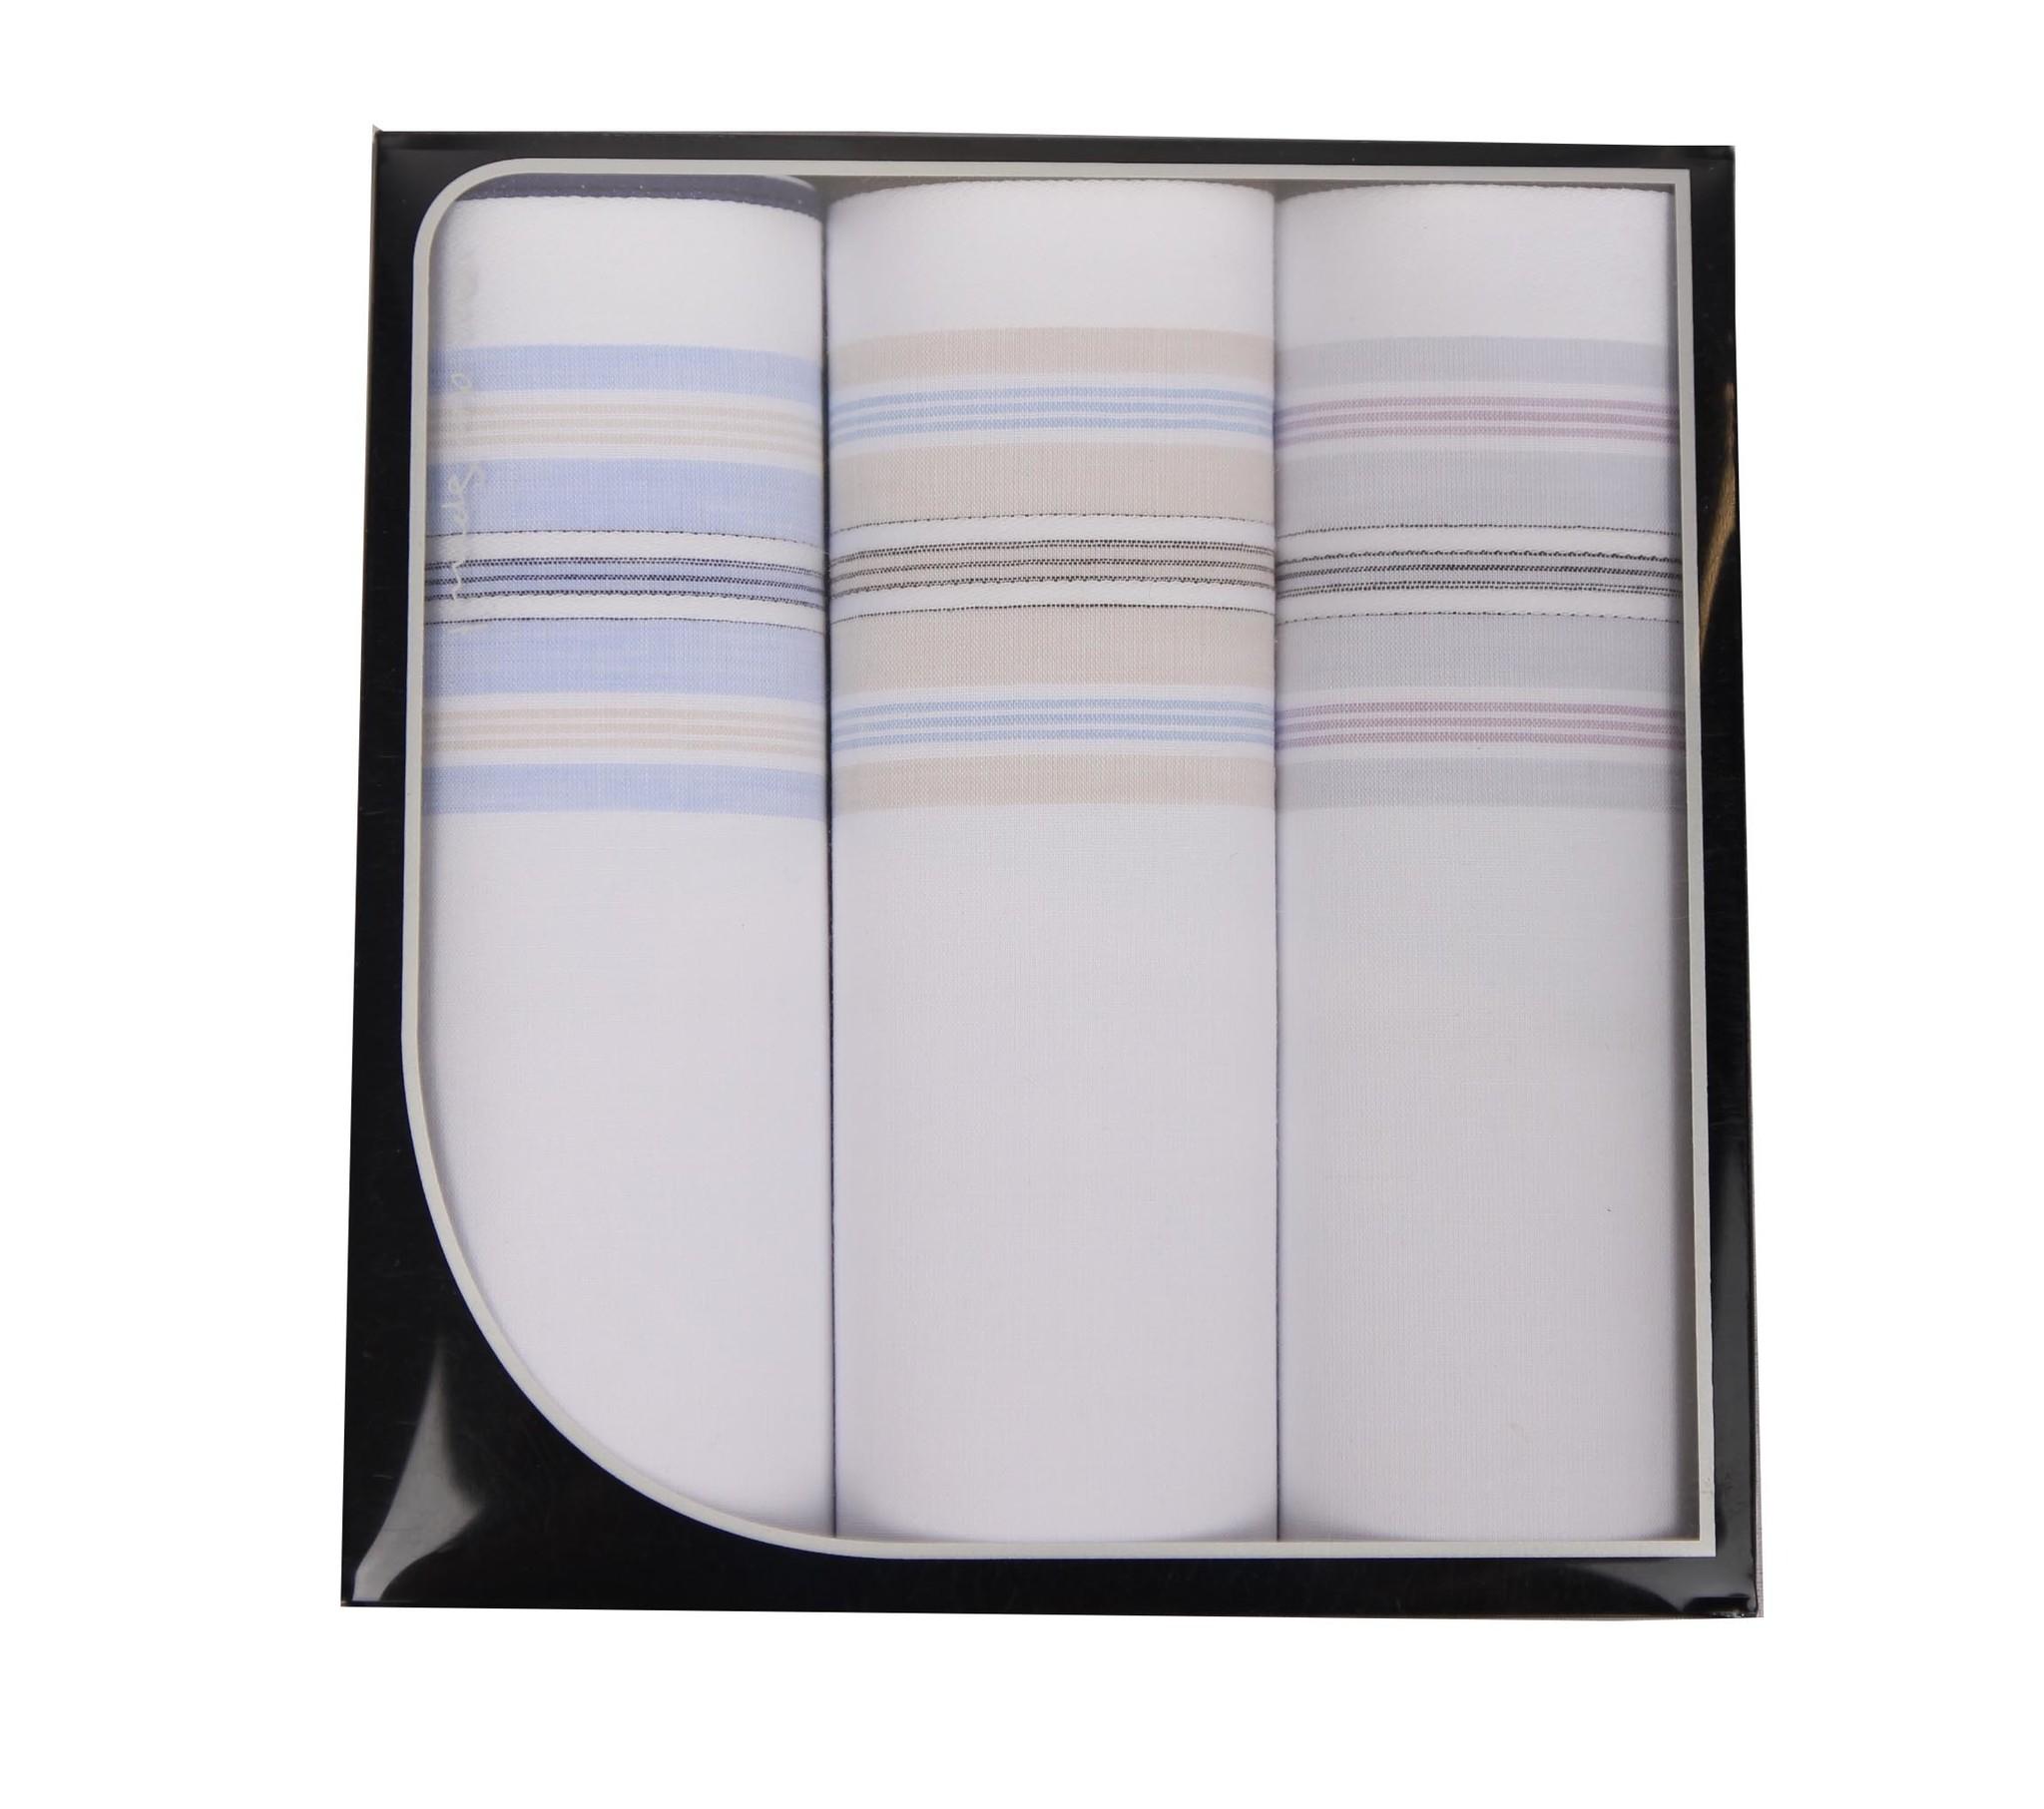 Swan Heren zakdoeken, White Blue, 3 stuks